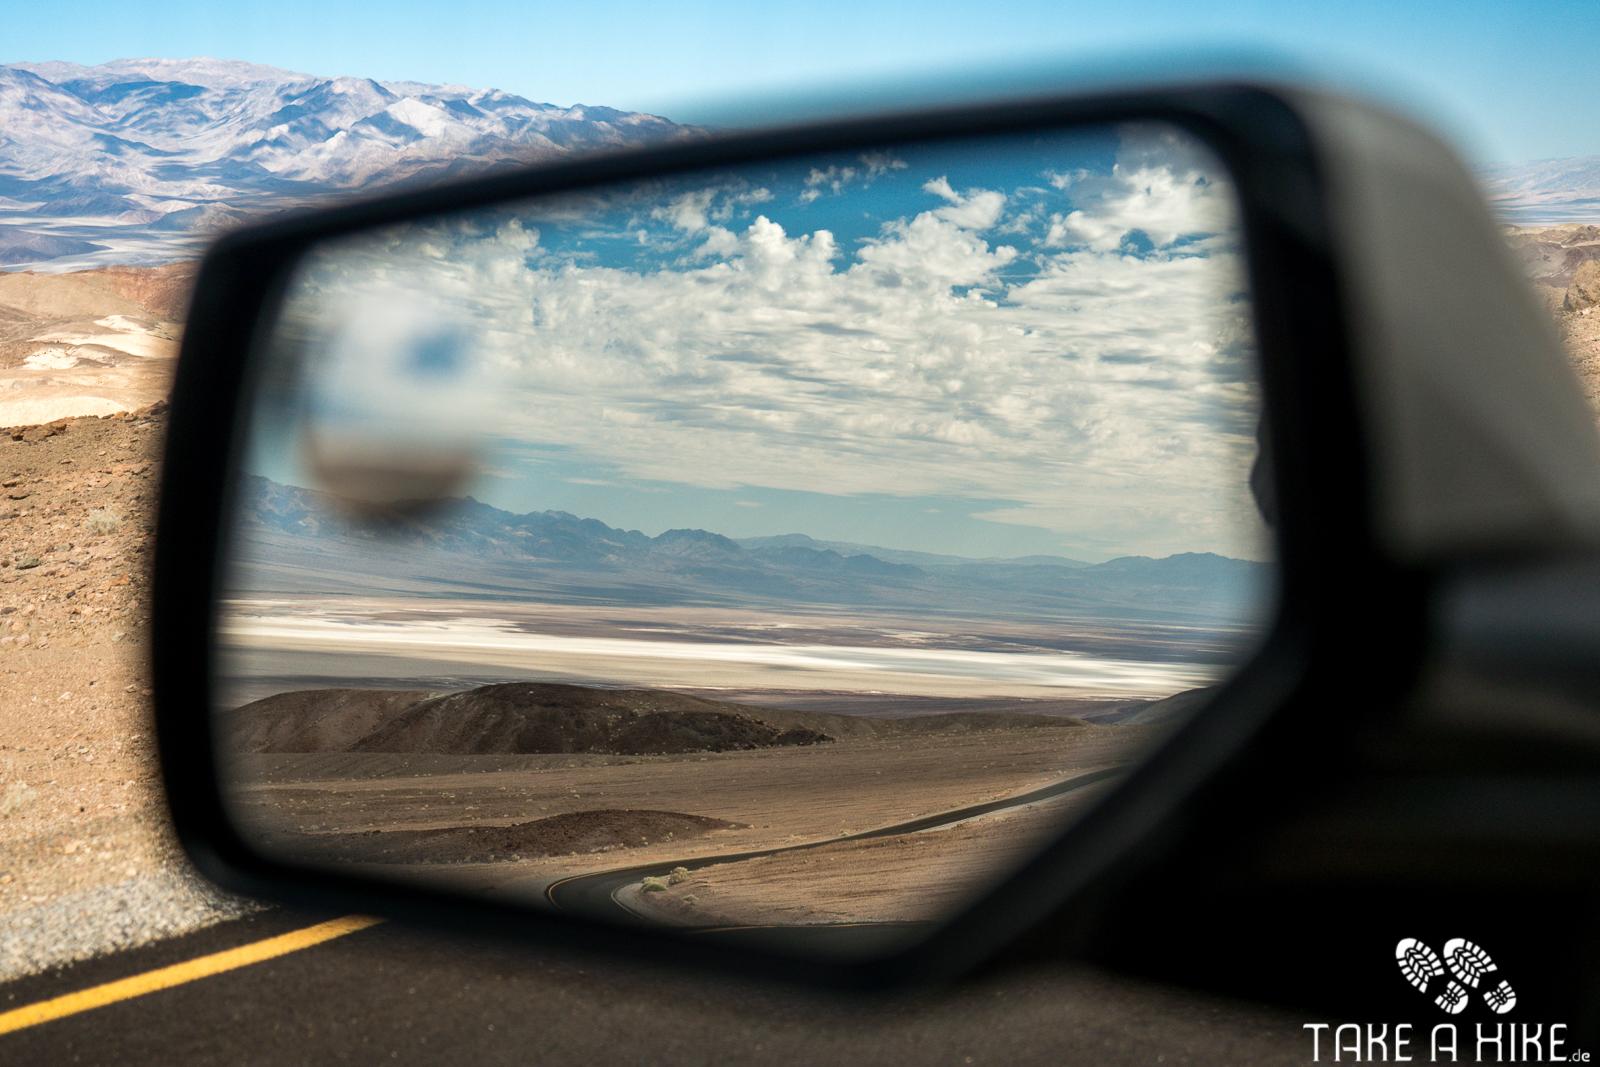 Artist Drive - ein Blick in den Seitenspiegel